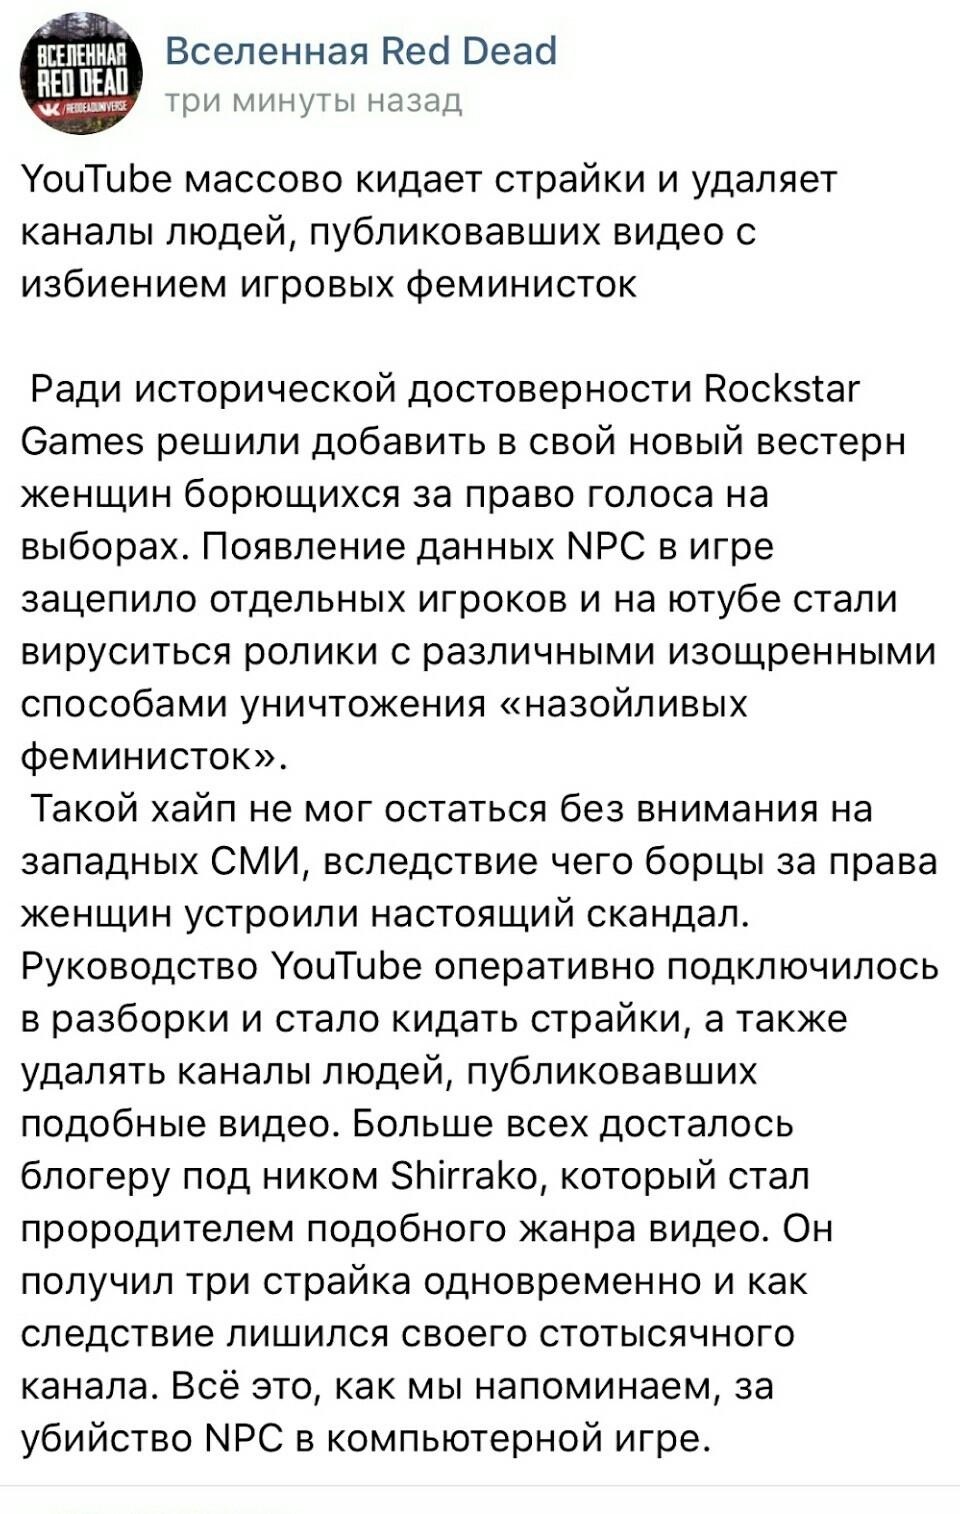 Феминизм, игры, Ютуб.